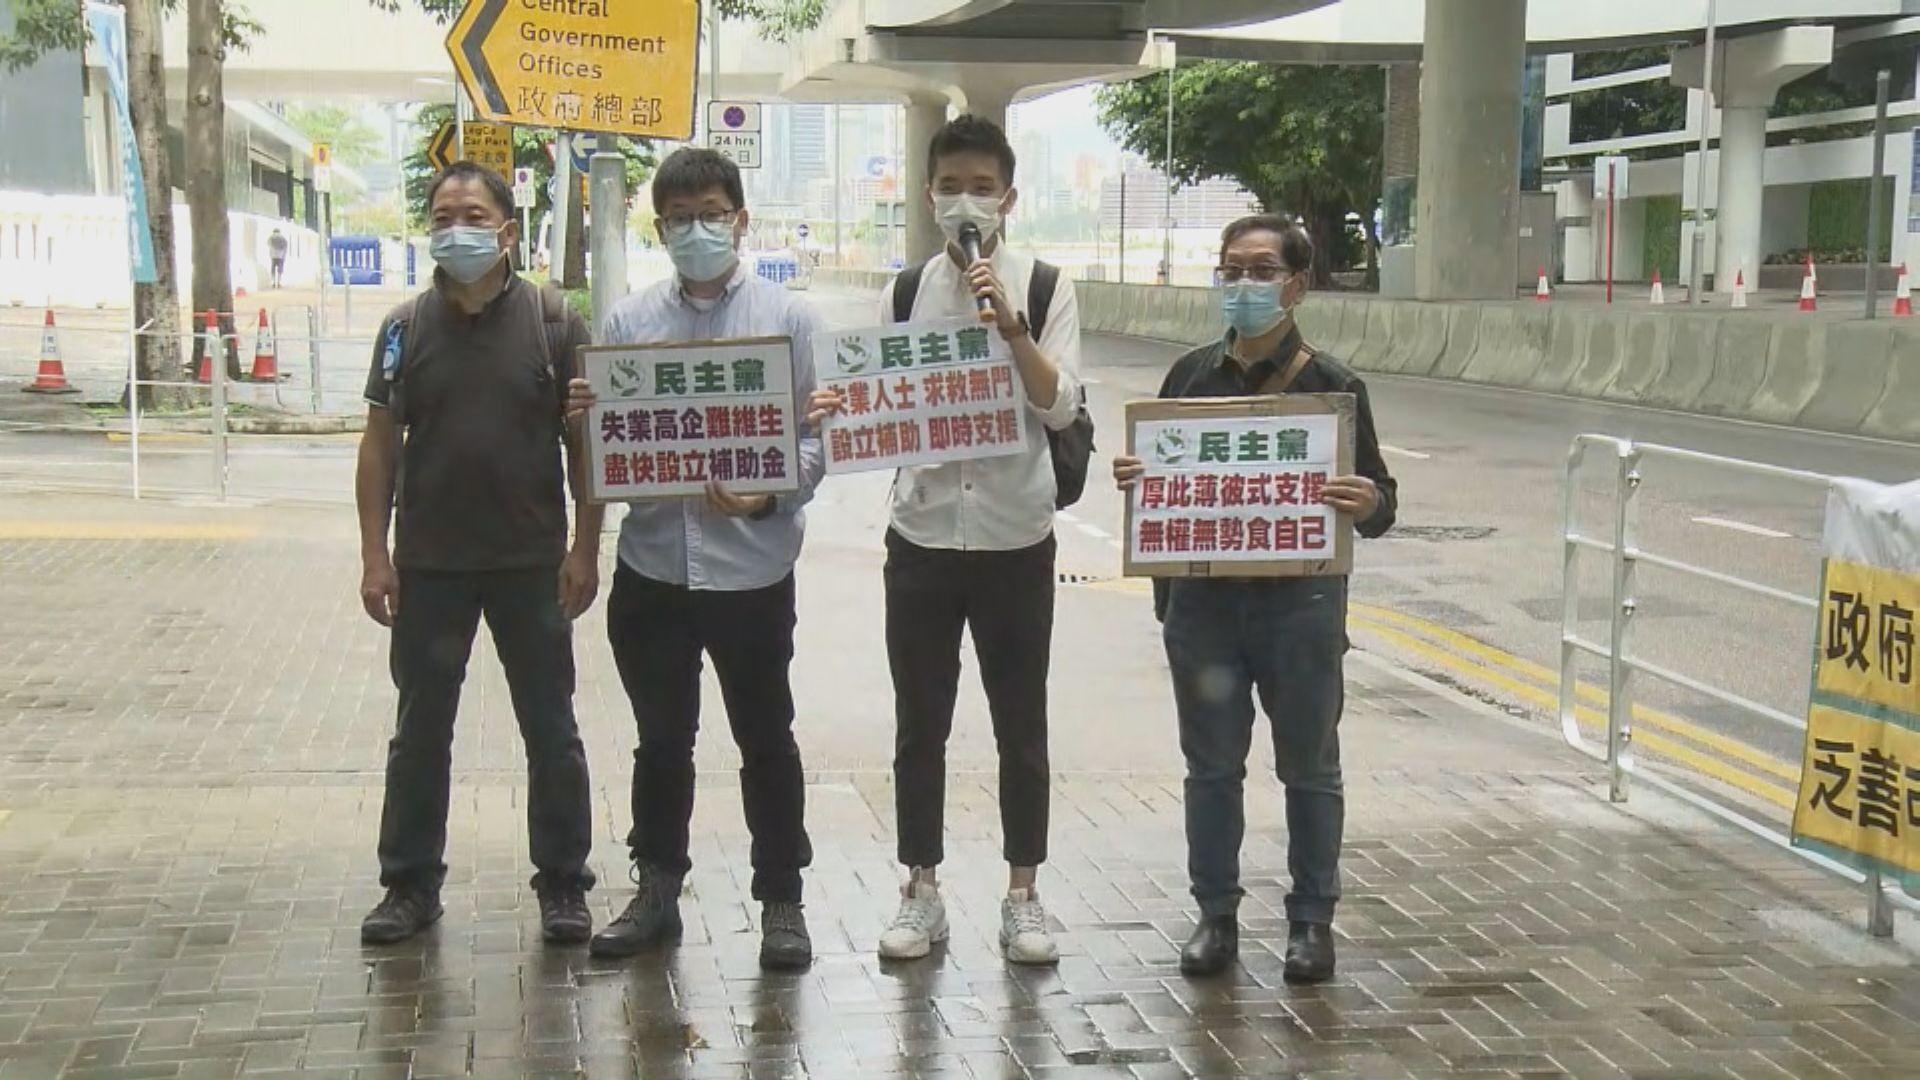 民主黨示威促政府支援失業人士及全民再派一萬元